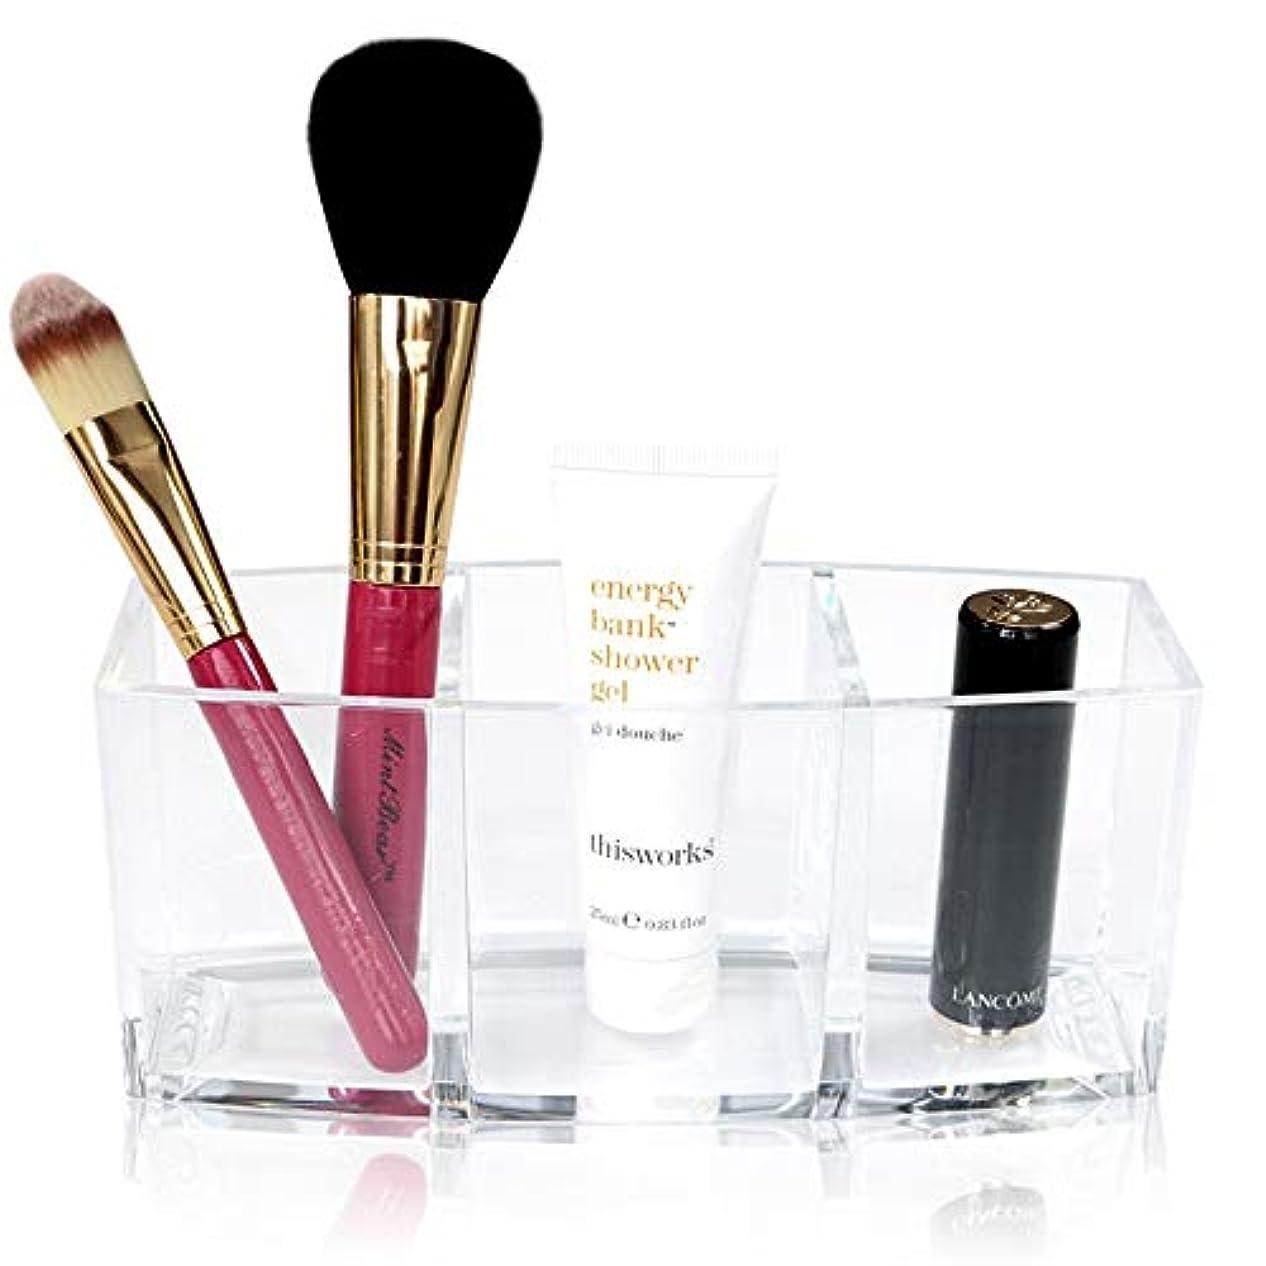 分析的さびた良さ整理簡単 シンプルなアクリル化粧ブラシと化粧品ホルダーオーガナイザー収納付き3コンパートメント誕生日プレゼント用彼女のアクリルデスクオーガナイザー (Color : Clear, Size : 18*7*8CM)